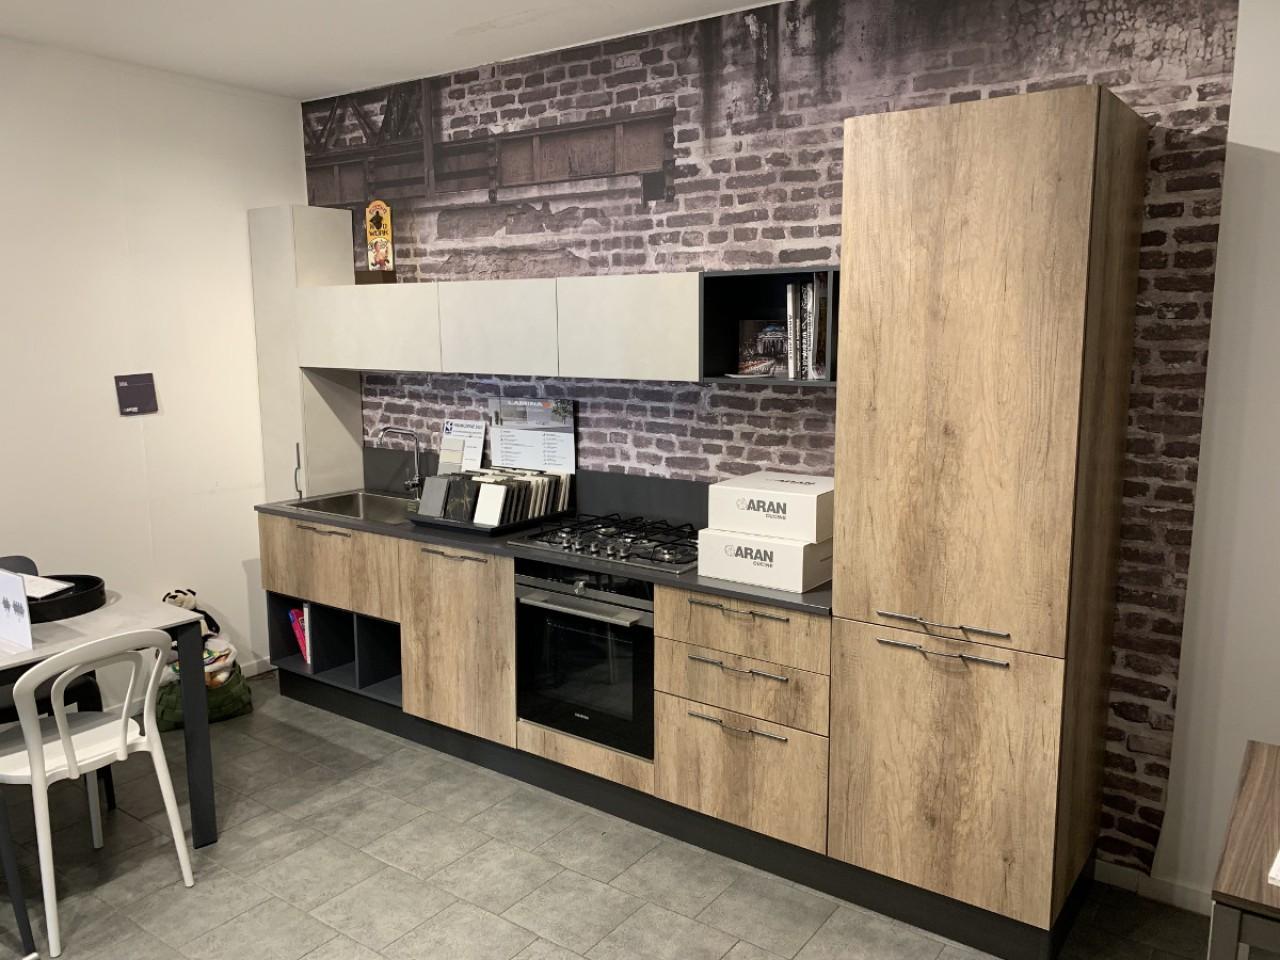 Aran Mia Cucina Outlet Mobili Torino Arredamenti Traiano